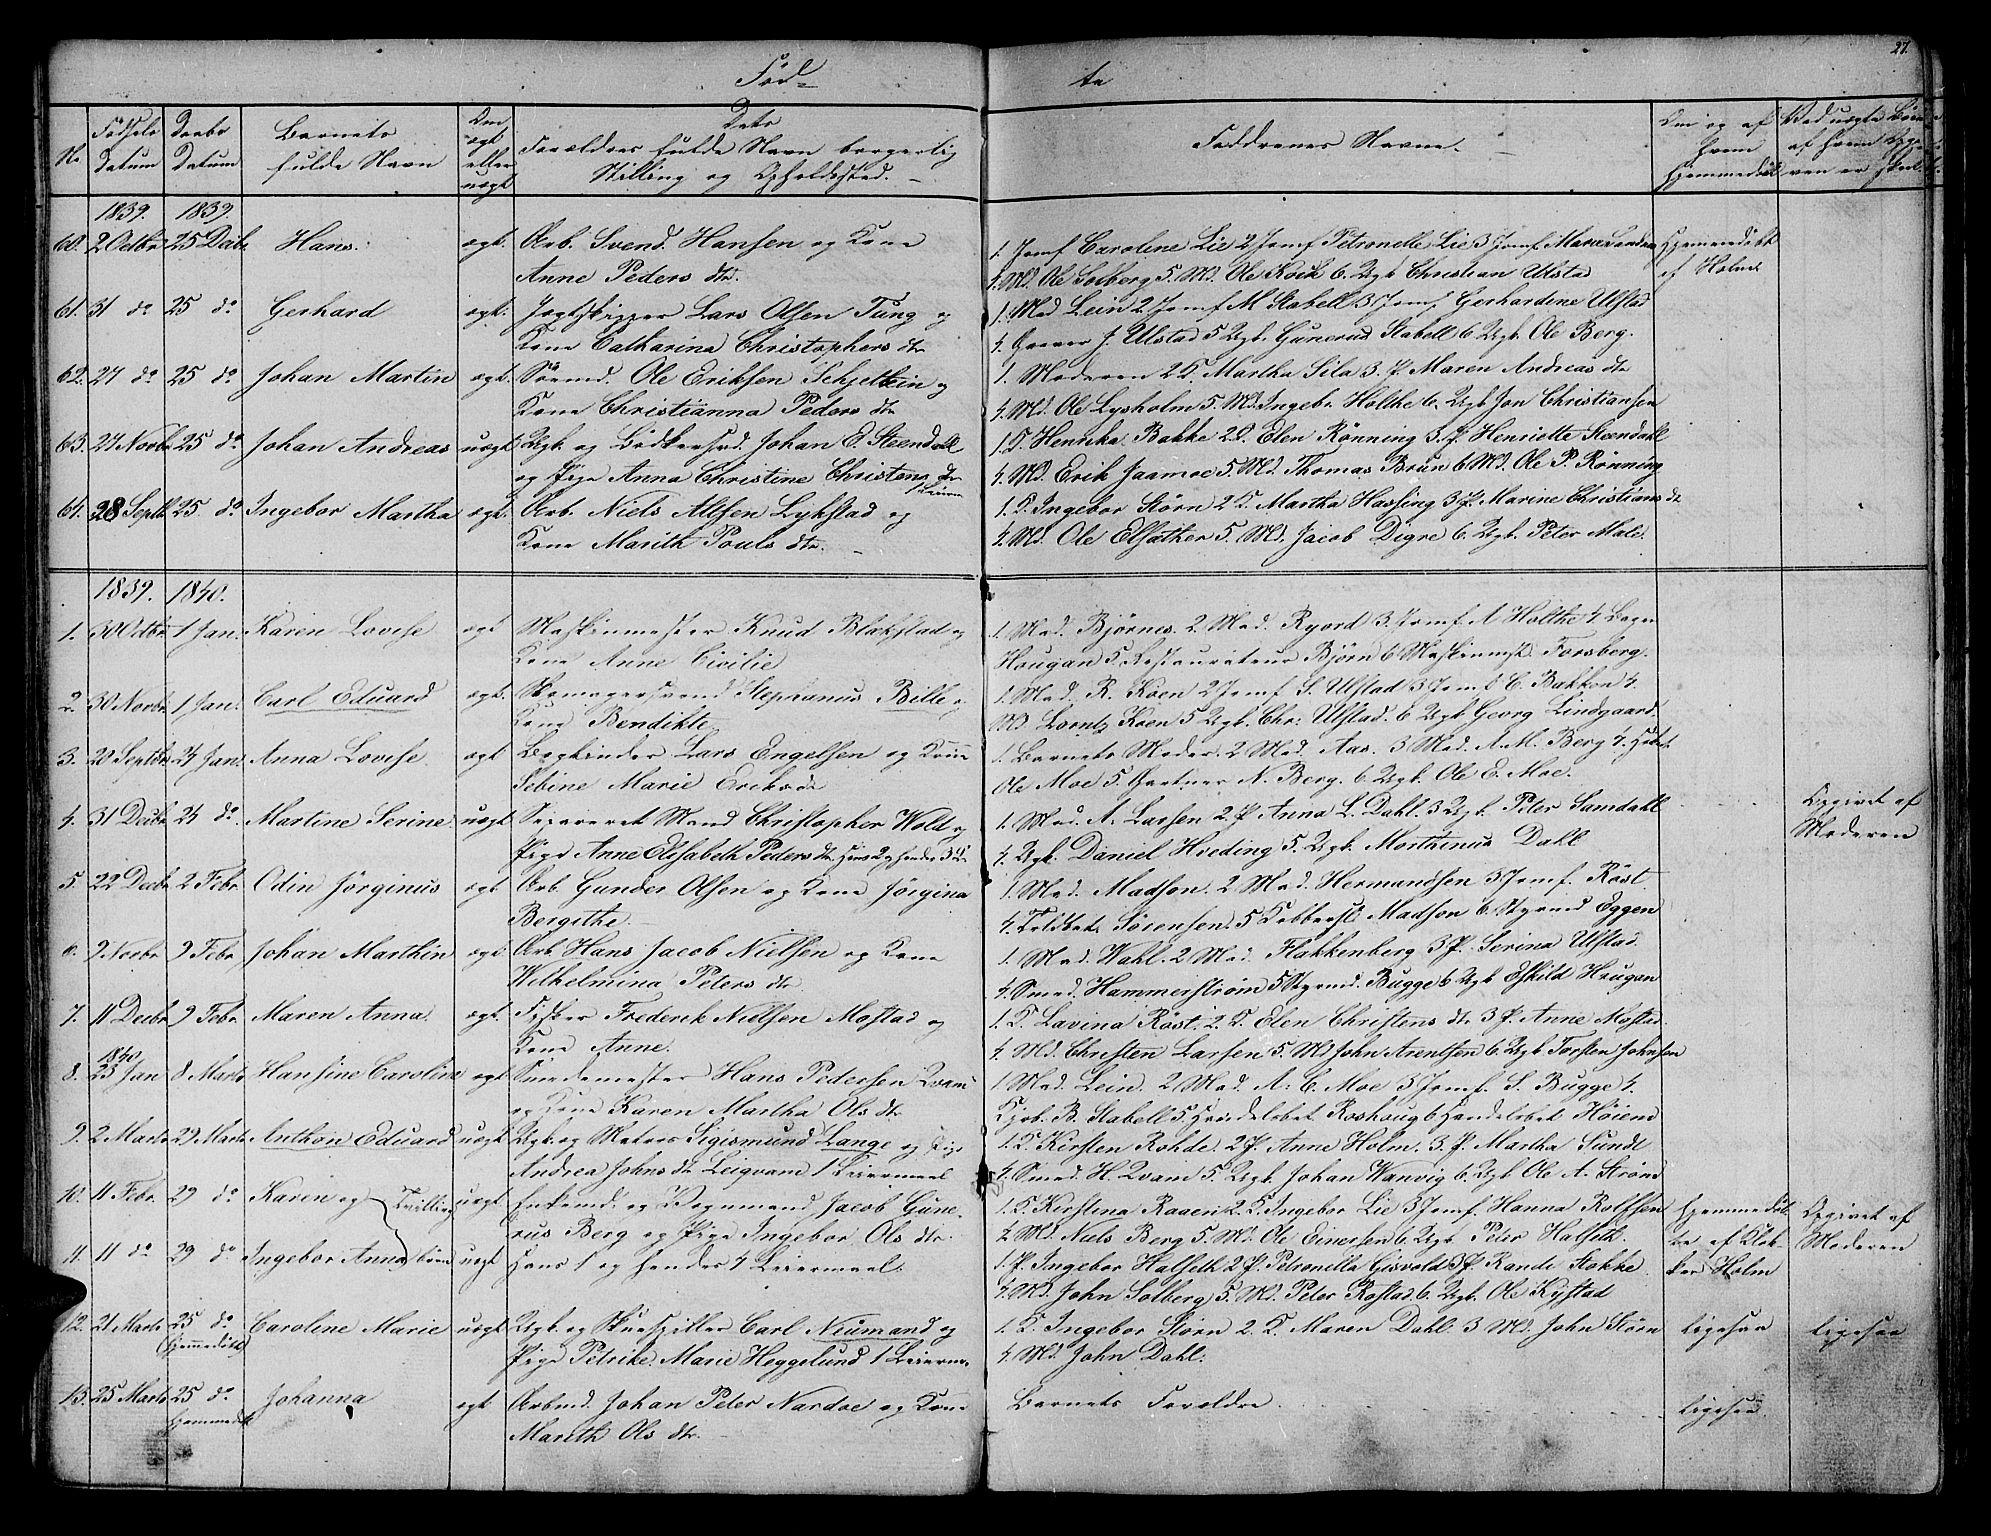 SAT, Ministerialprotokoller, klokkerbøker og fødselsregistre - Sør-Trøndelag, 604/L0182: Ministerialbok nr. 604A03, 1818-1850, s. 27